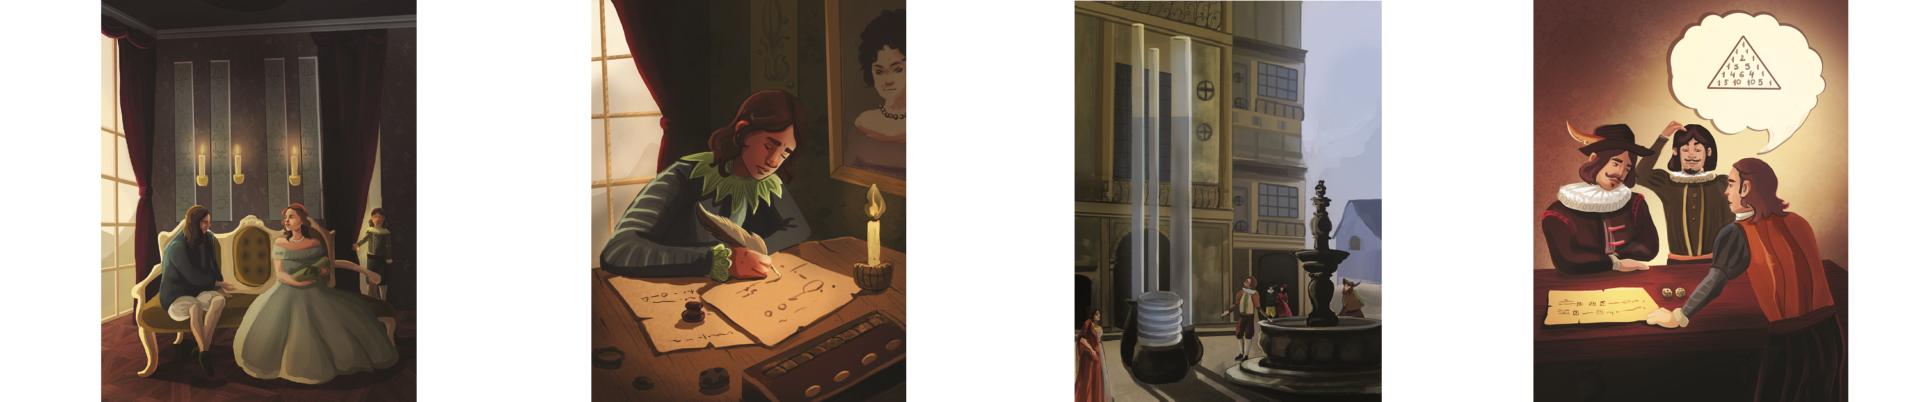 Иллюстрации к книге Блез Паскаль